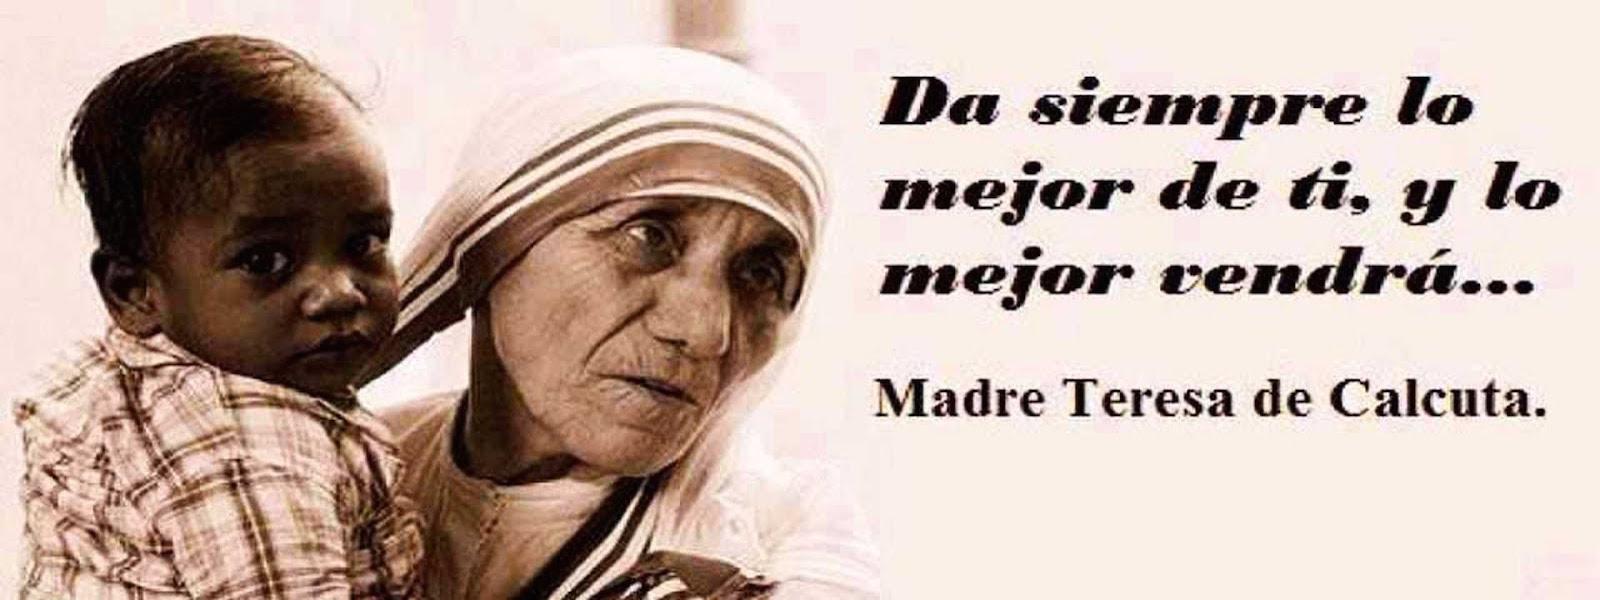 Resultado de imagen para MADRE TERESA DE CALCUTA